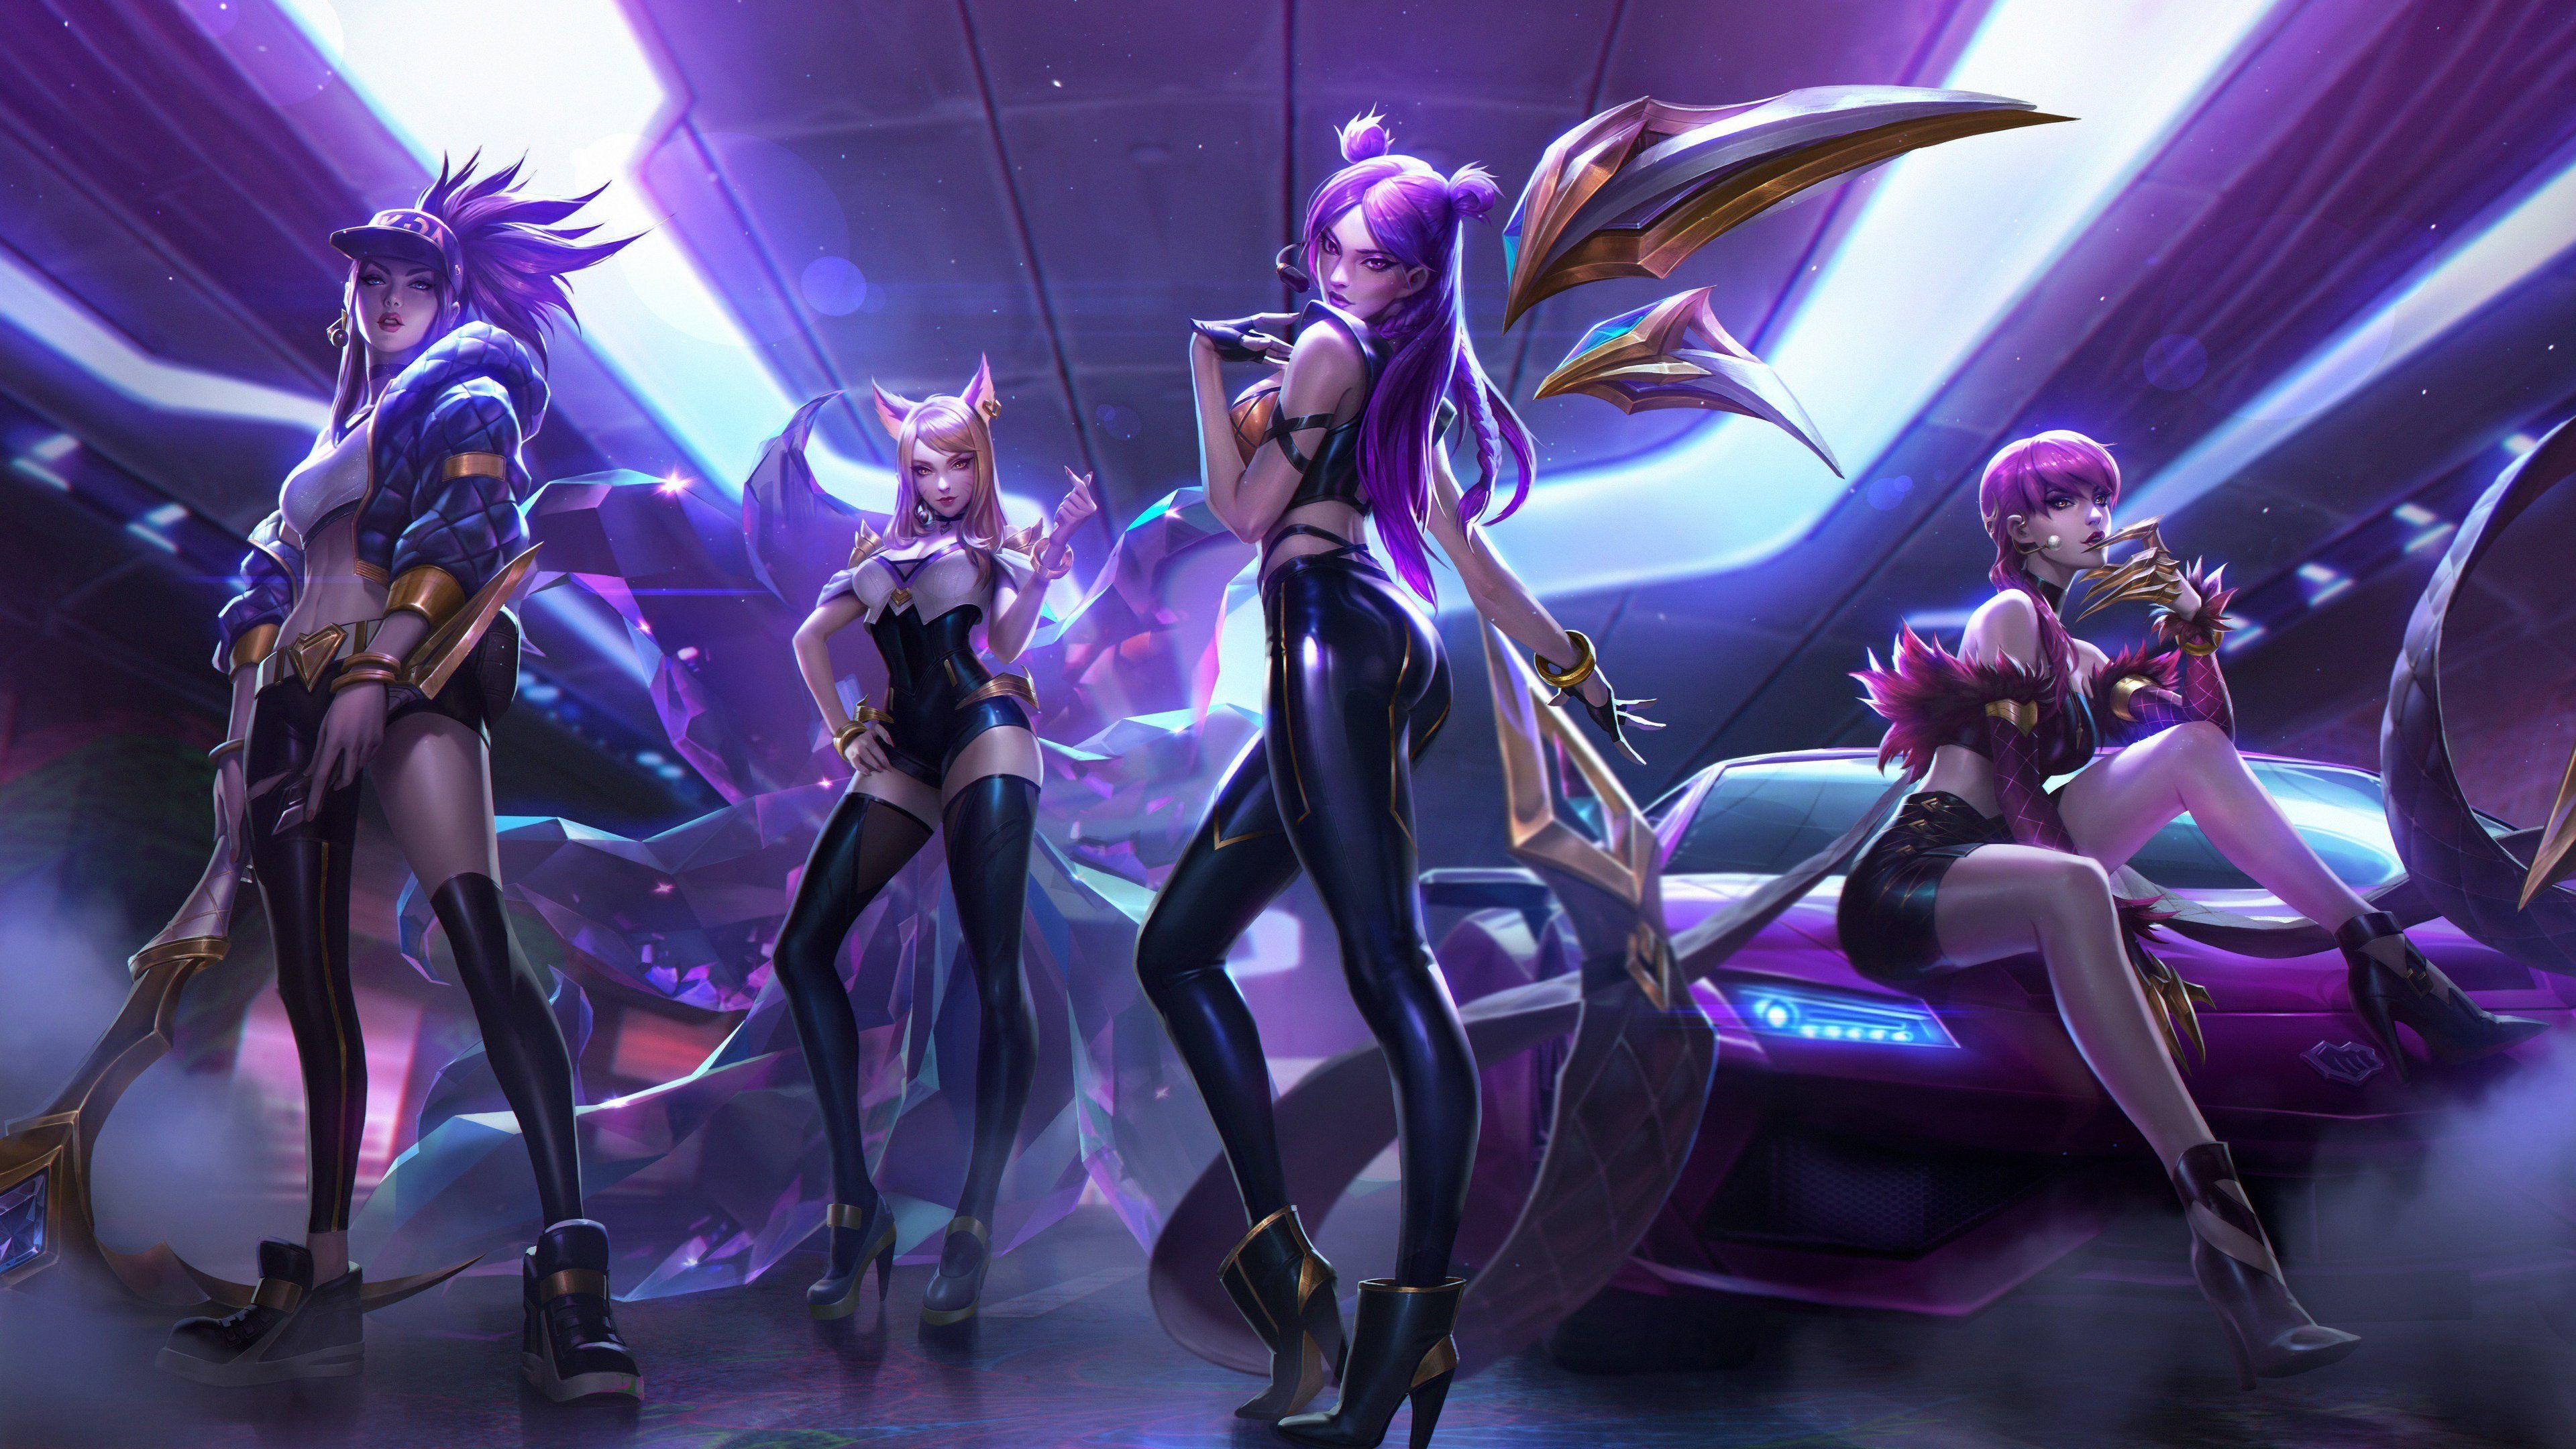 Evelynn Kaisa Ahri Akali League Of Legends 4k Wallpaper Https Hdwallpapersmafia Com Eve League Of Legends Characters Lol League Of Legends League Of Legends